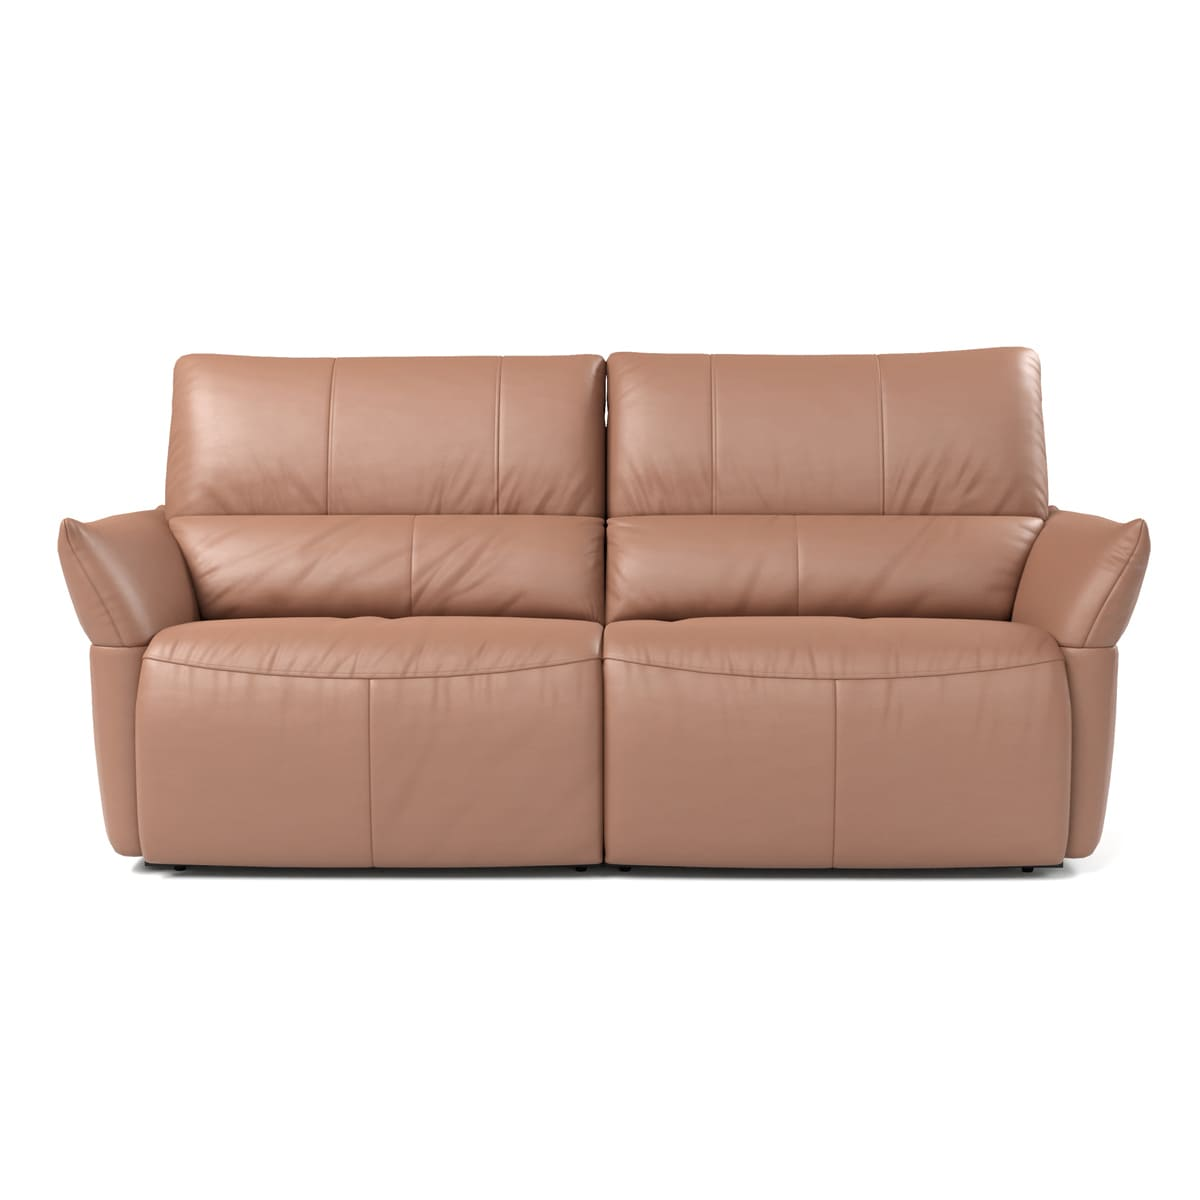 Image of: Sofa Retratil Alay Couro 2 Lugares Sofa Perfeito Para Sua Casa Sofa 2 Lugares Voktum